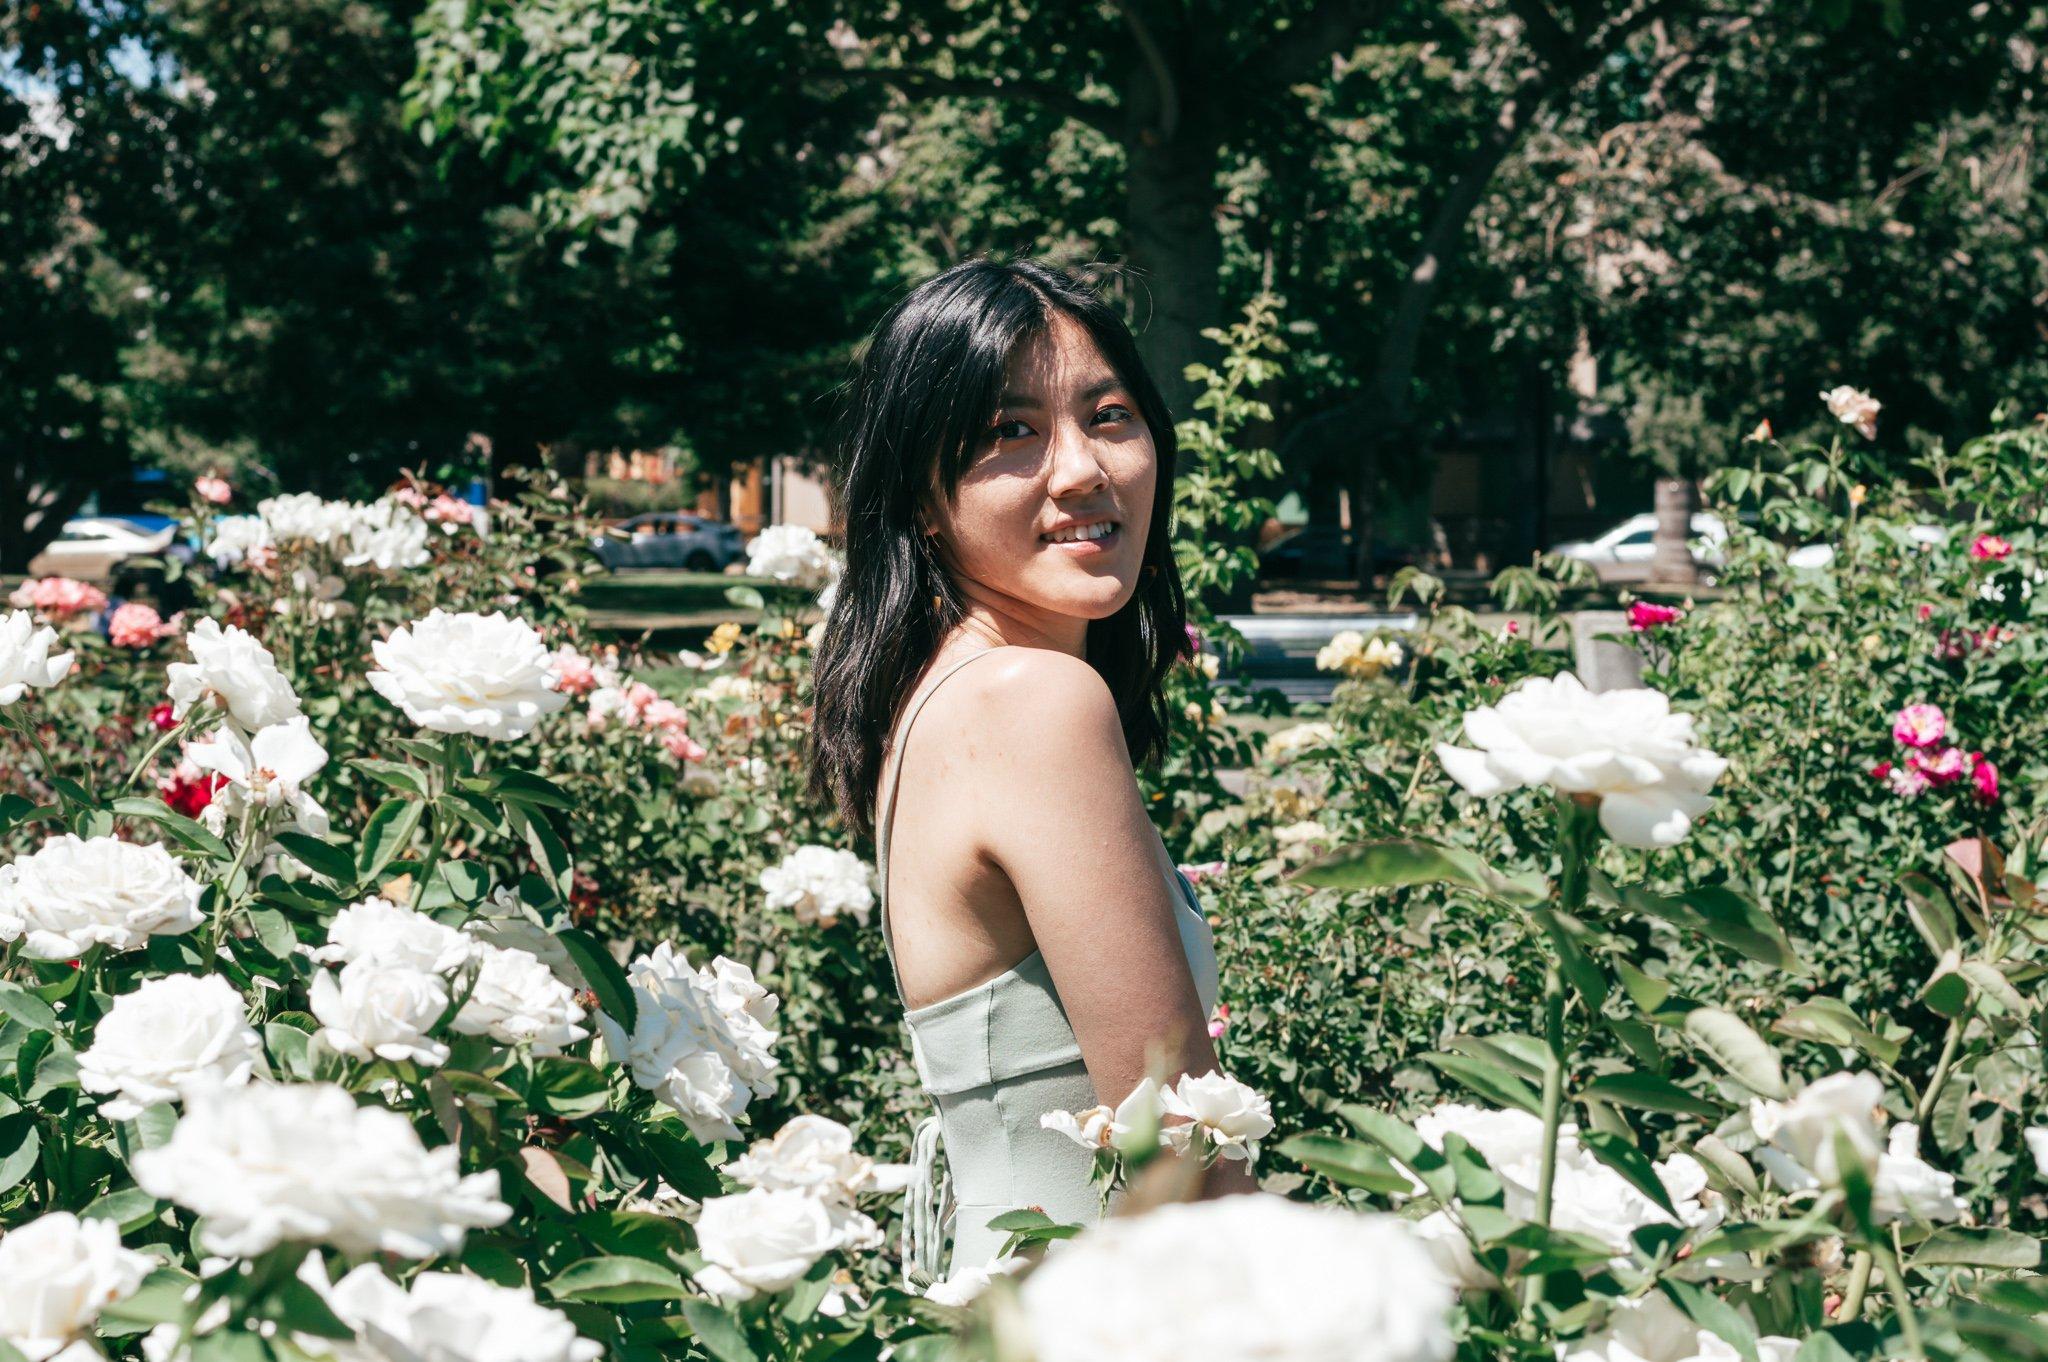 Rose garden portrait